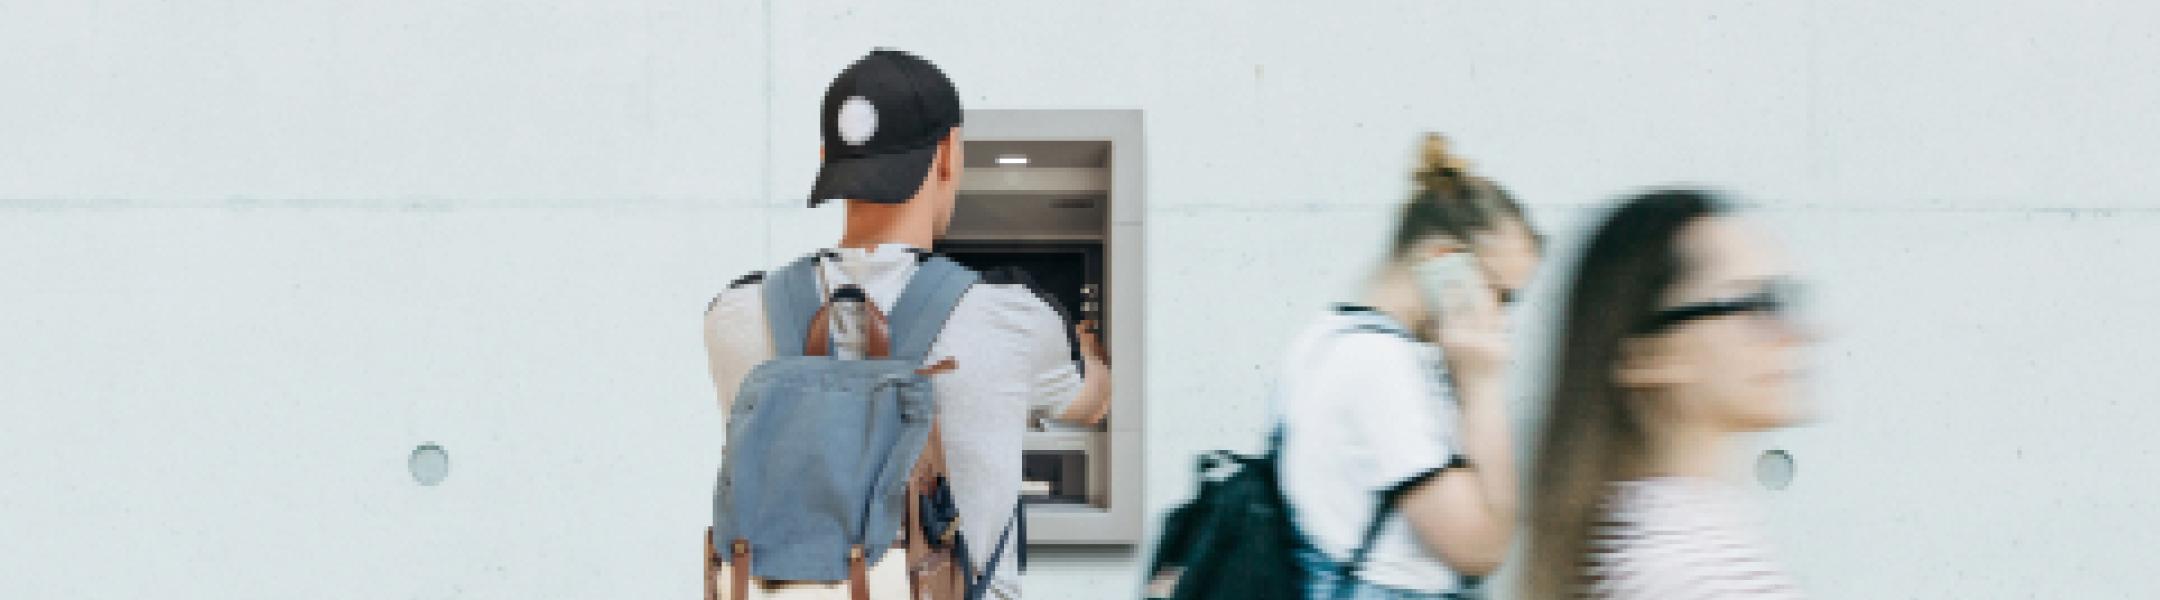 verkada review - banks